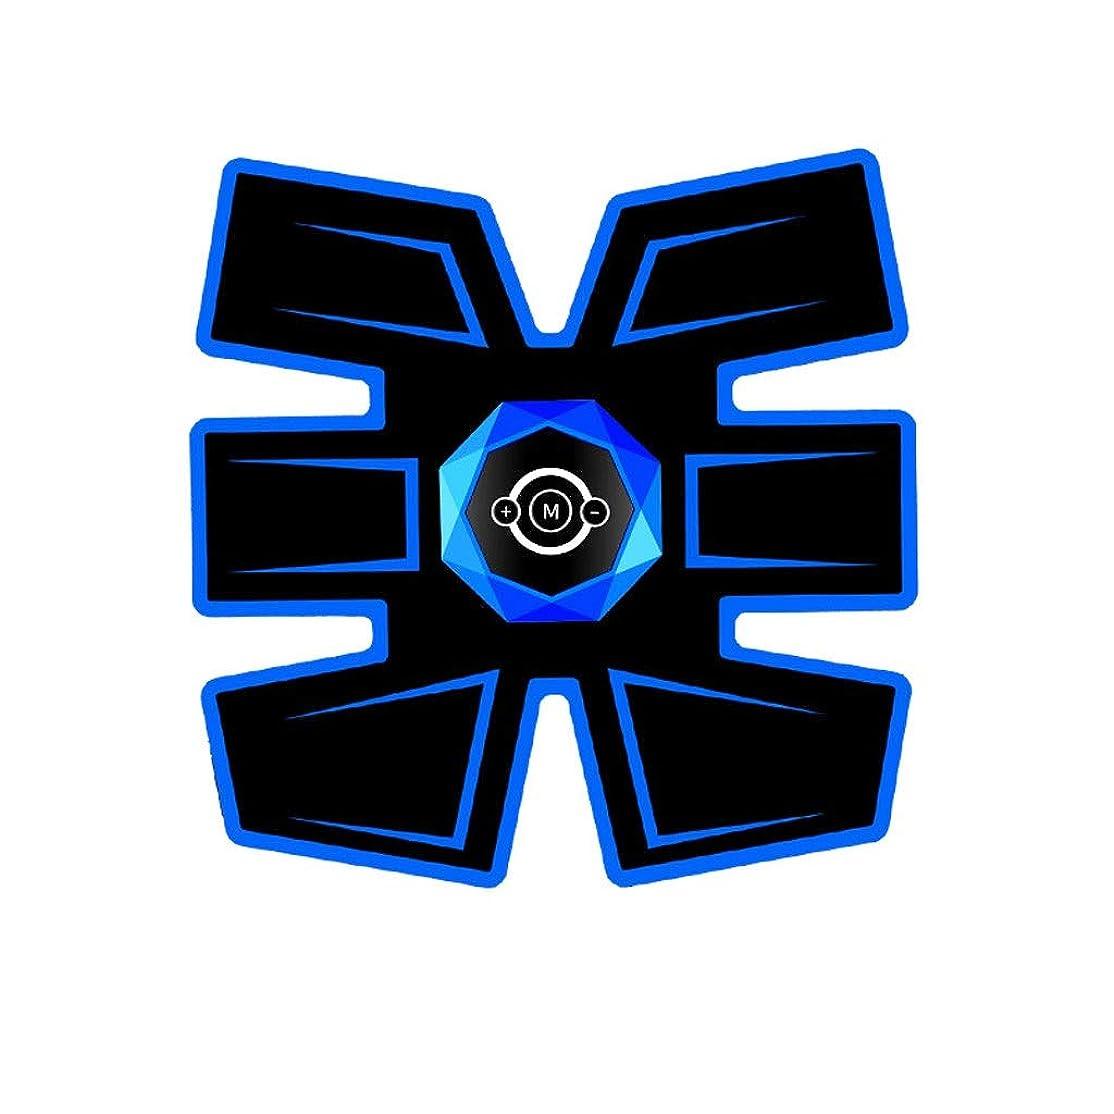 ステンレスサイドボード怠けた腹筋トレーナーEMS筋肉刺激装置、インテリジェント音声ブロードキャストとUSB充電付き腹部調色ベルト、男性と女性の腹部脚用筋トナー (Color : Ordinary-Blue 1, Size : B)